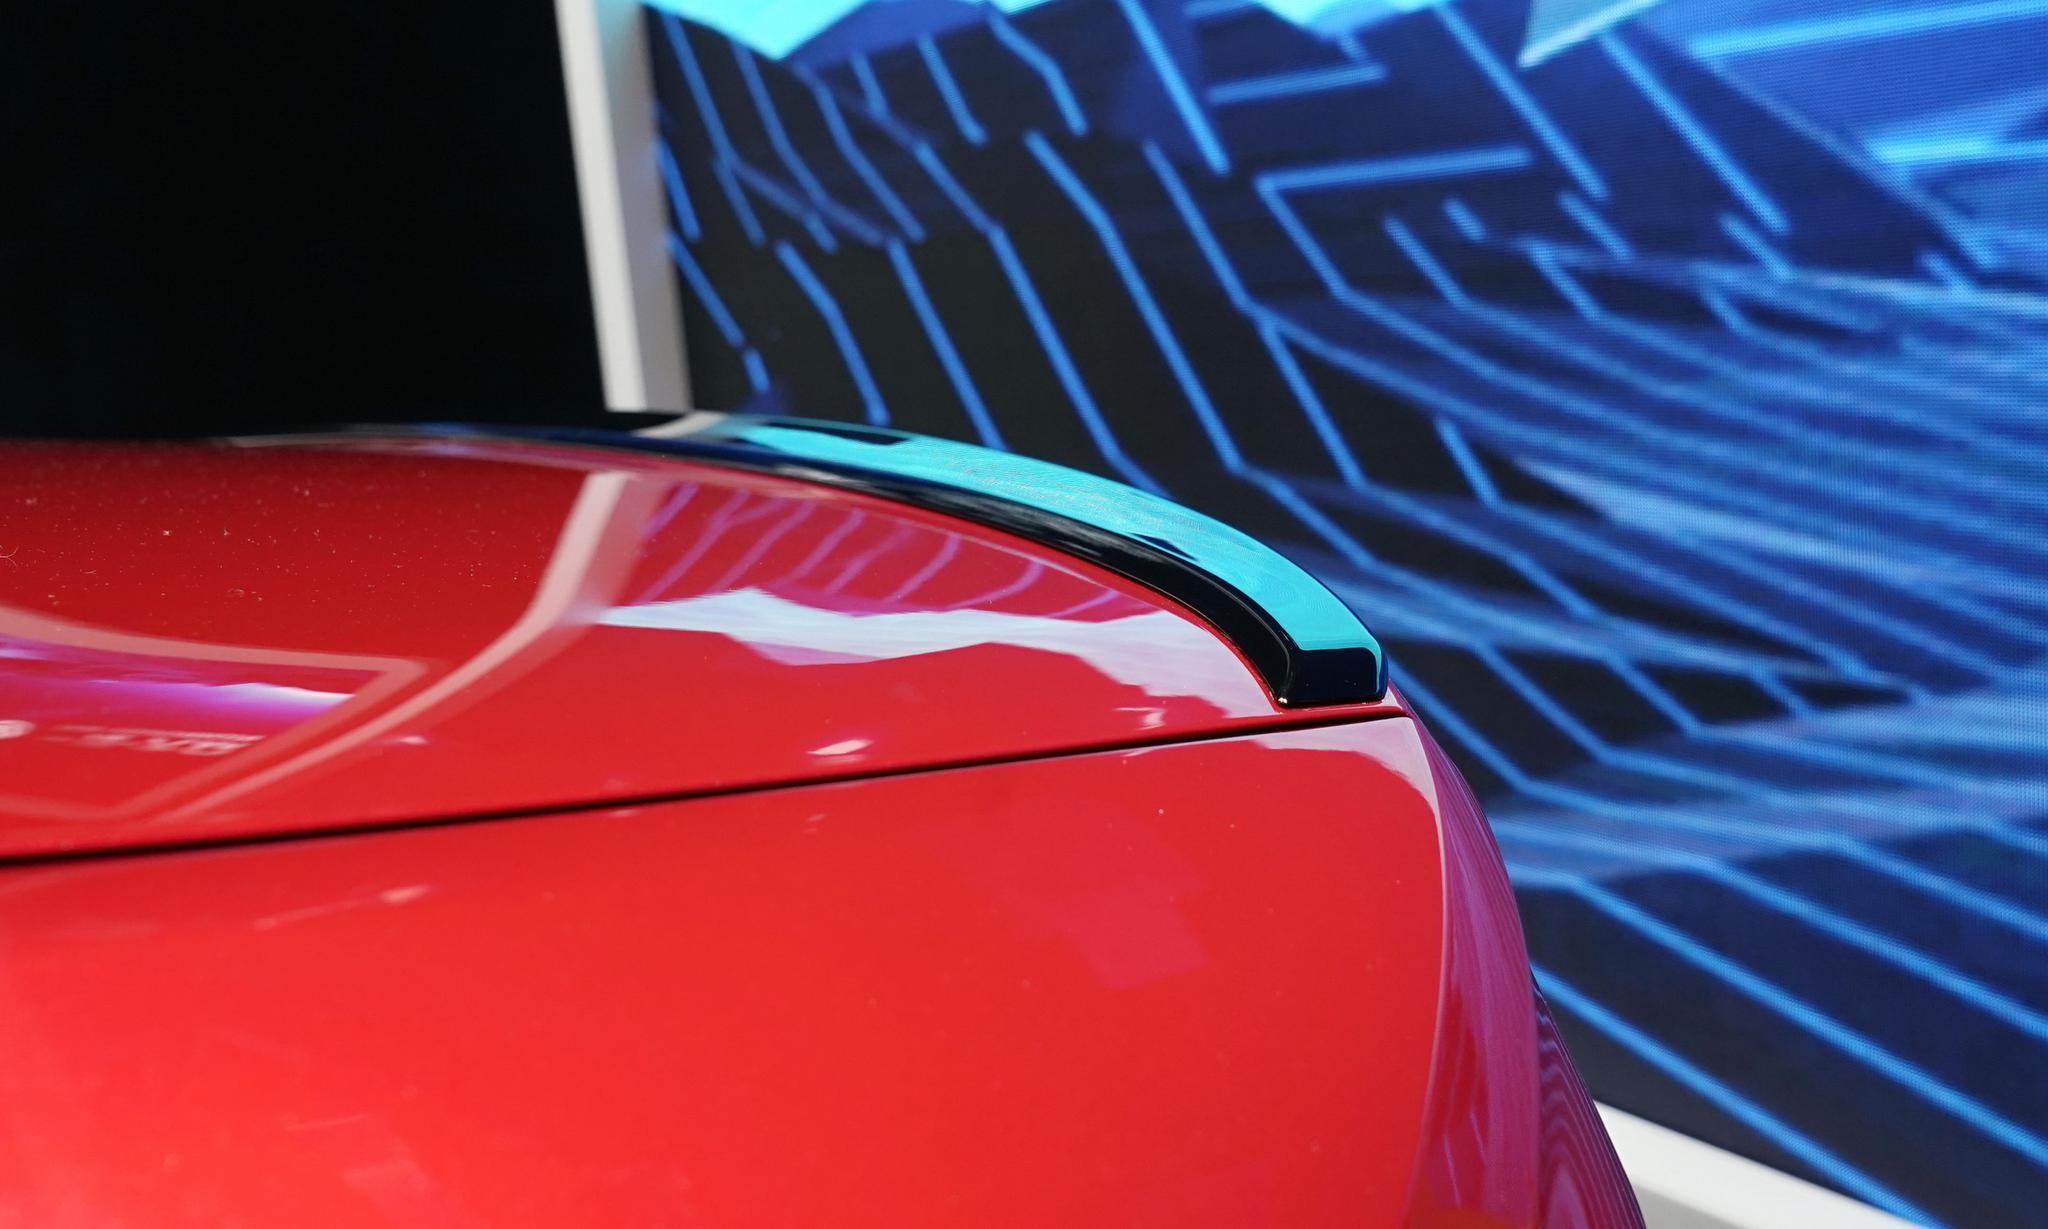 展台最亮眼的车型之一,一汽大众速腾R-Line